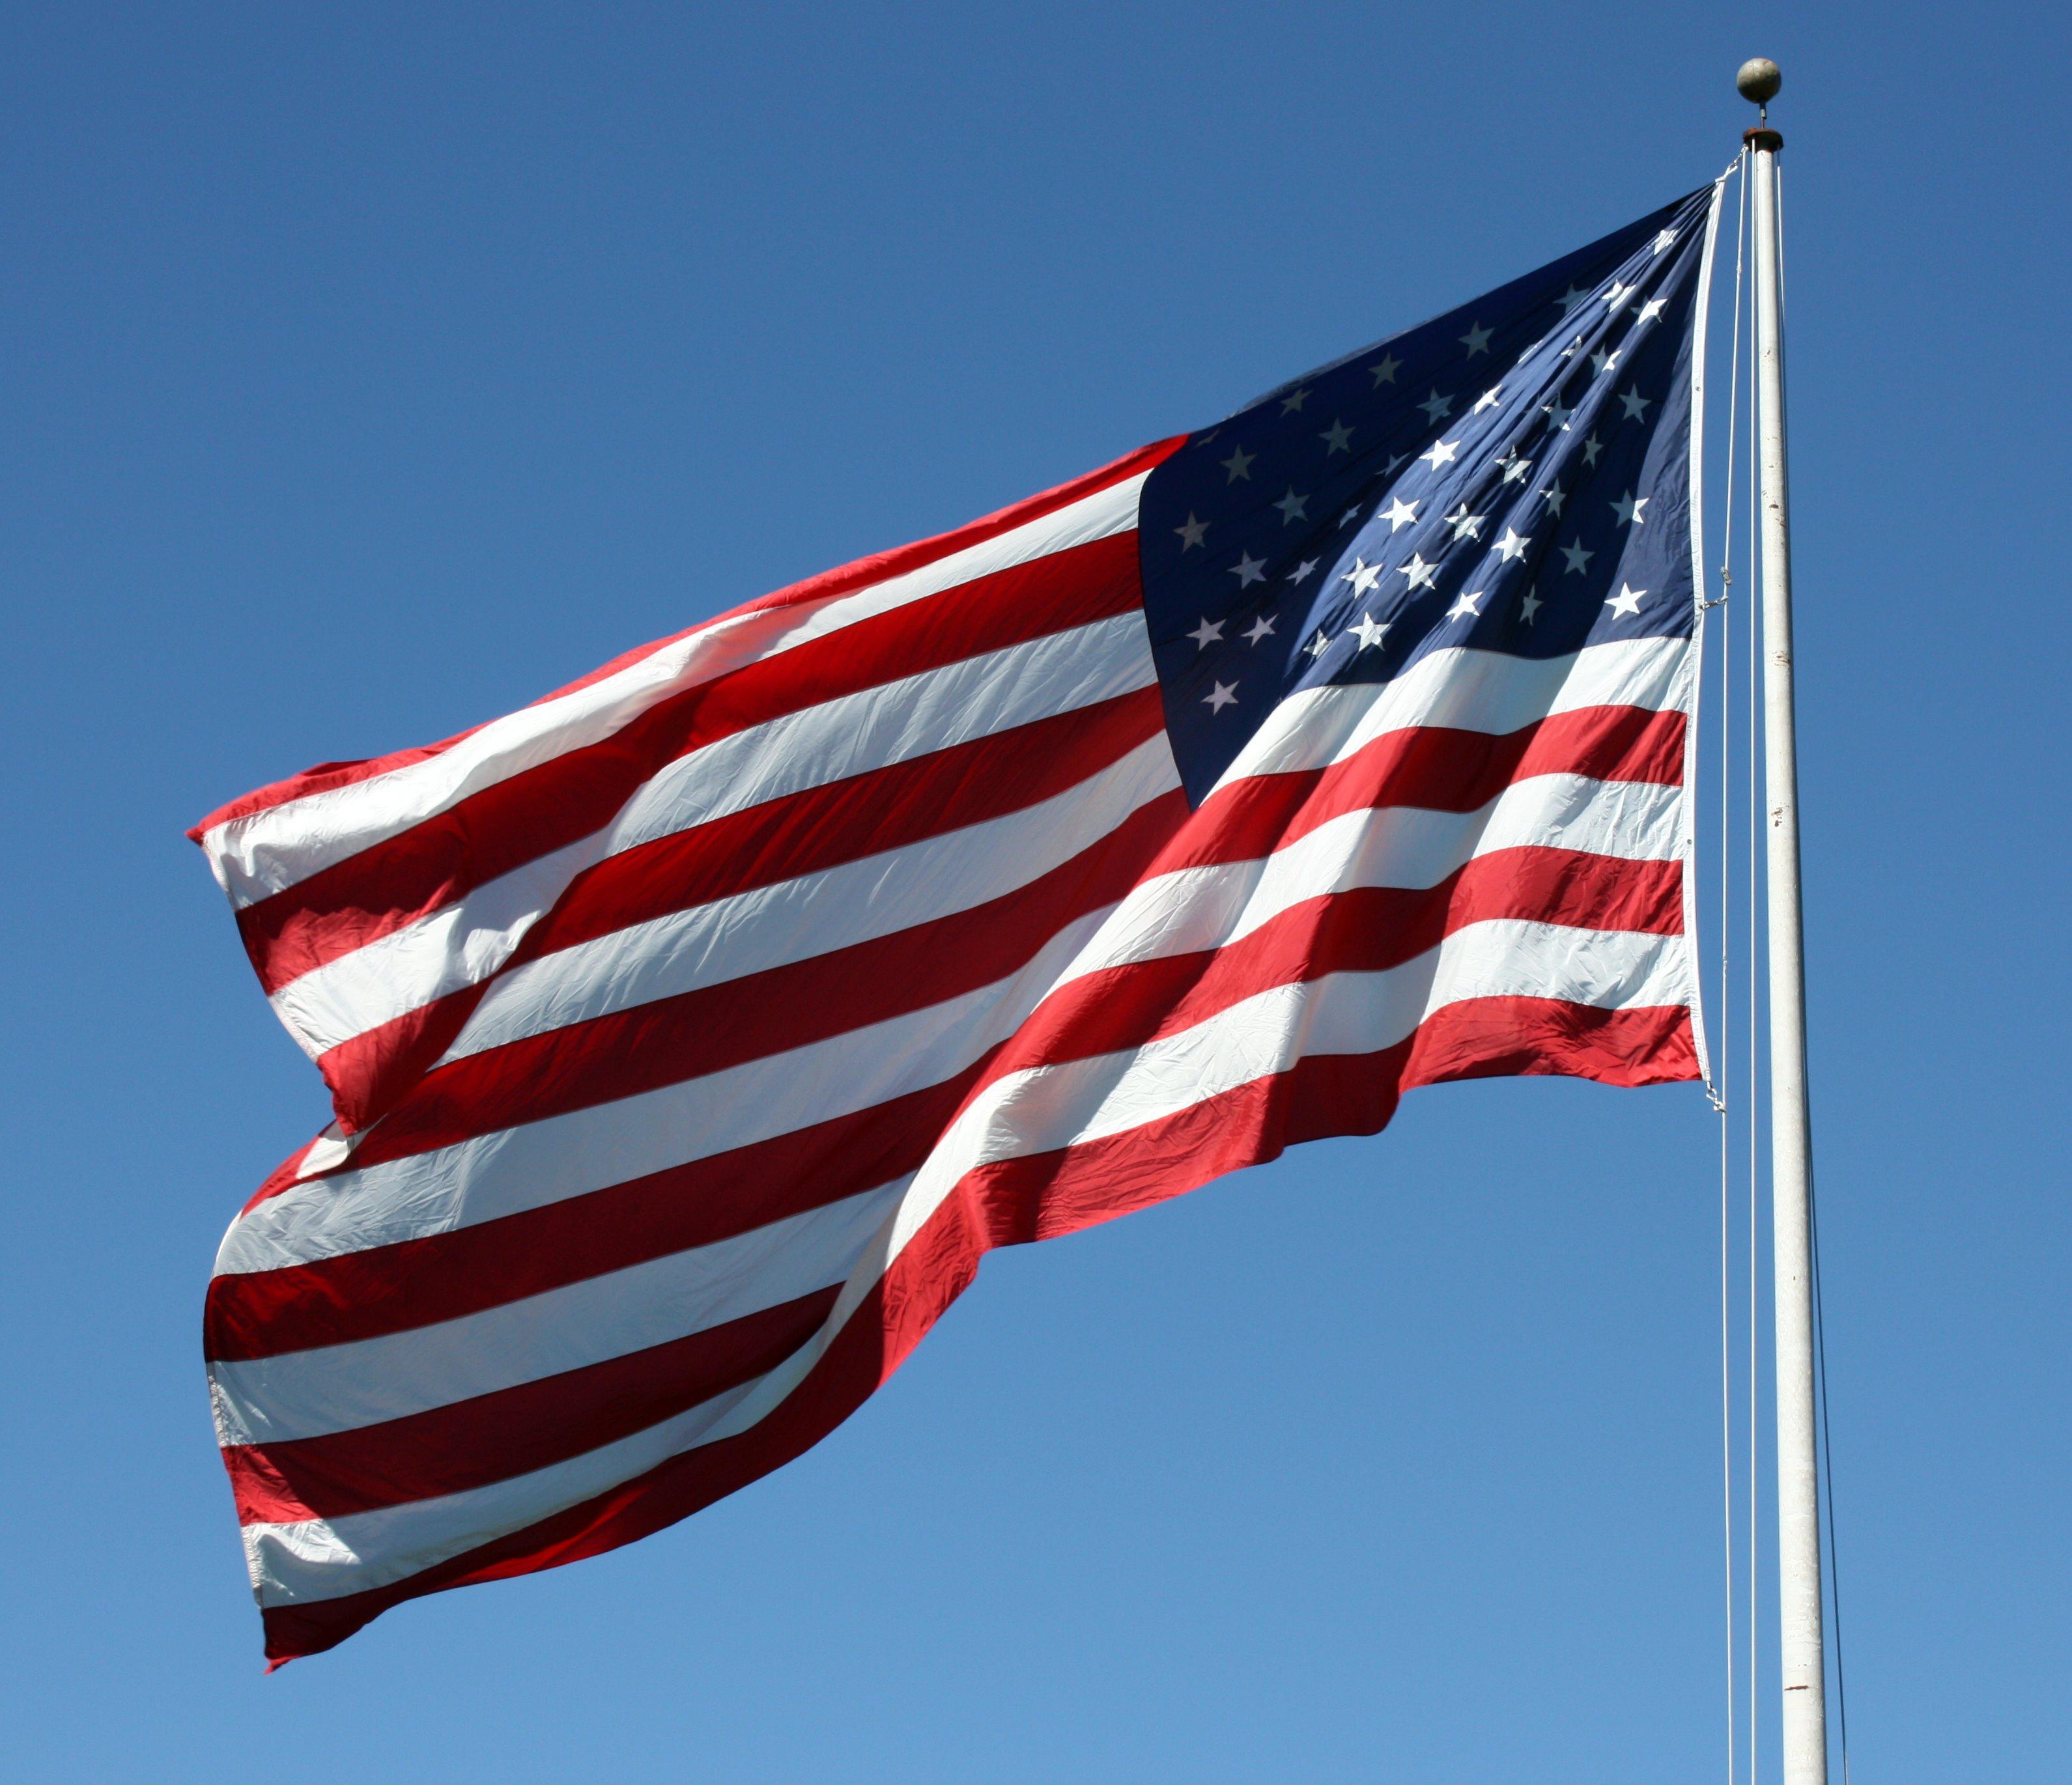 2012-07-03-americanflag1.jpg